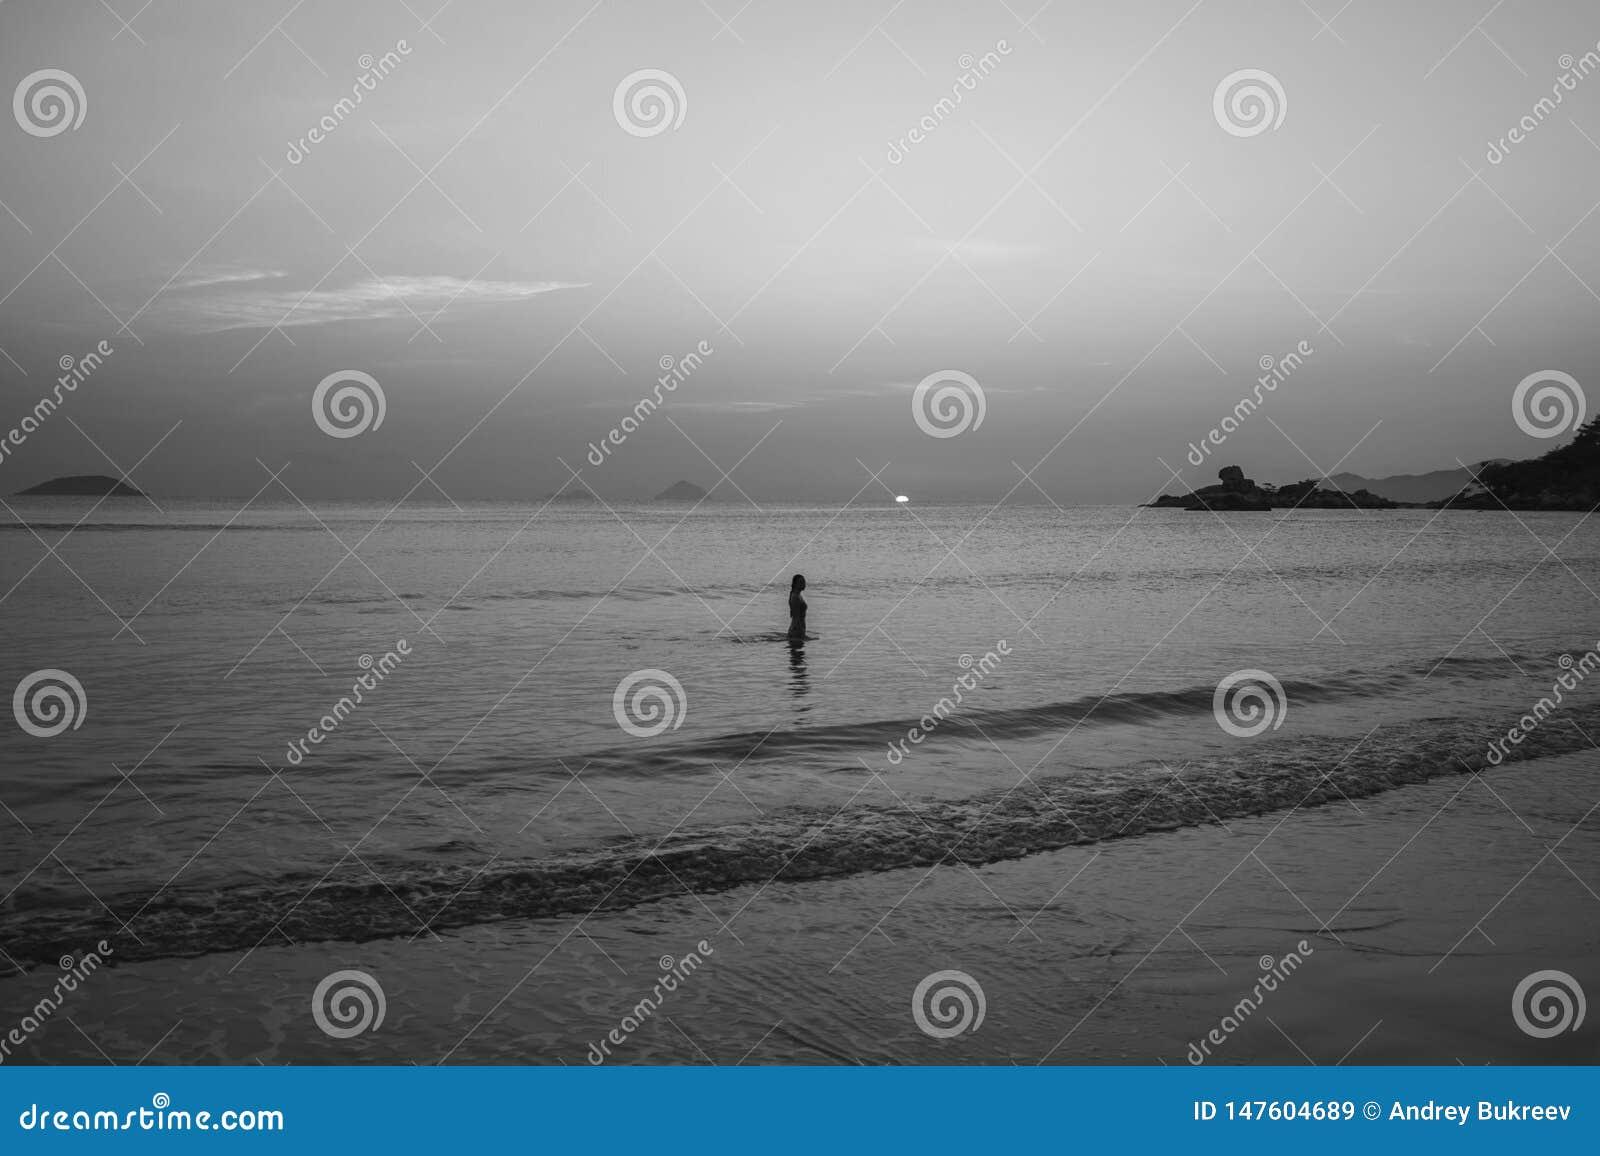 Fille sur le bord de la mer sur le fond du lever de soleil et du coucher du soleil